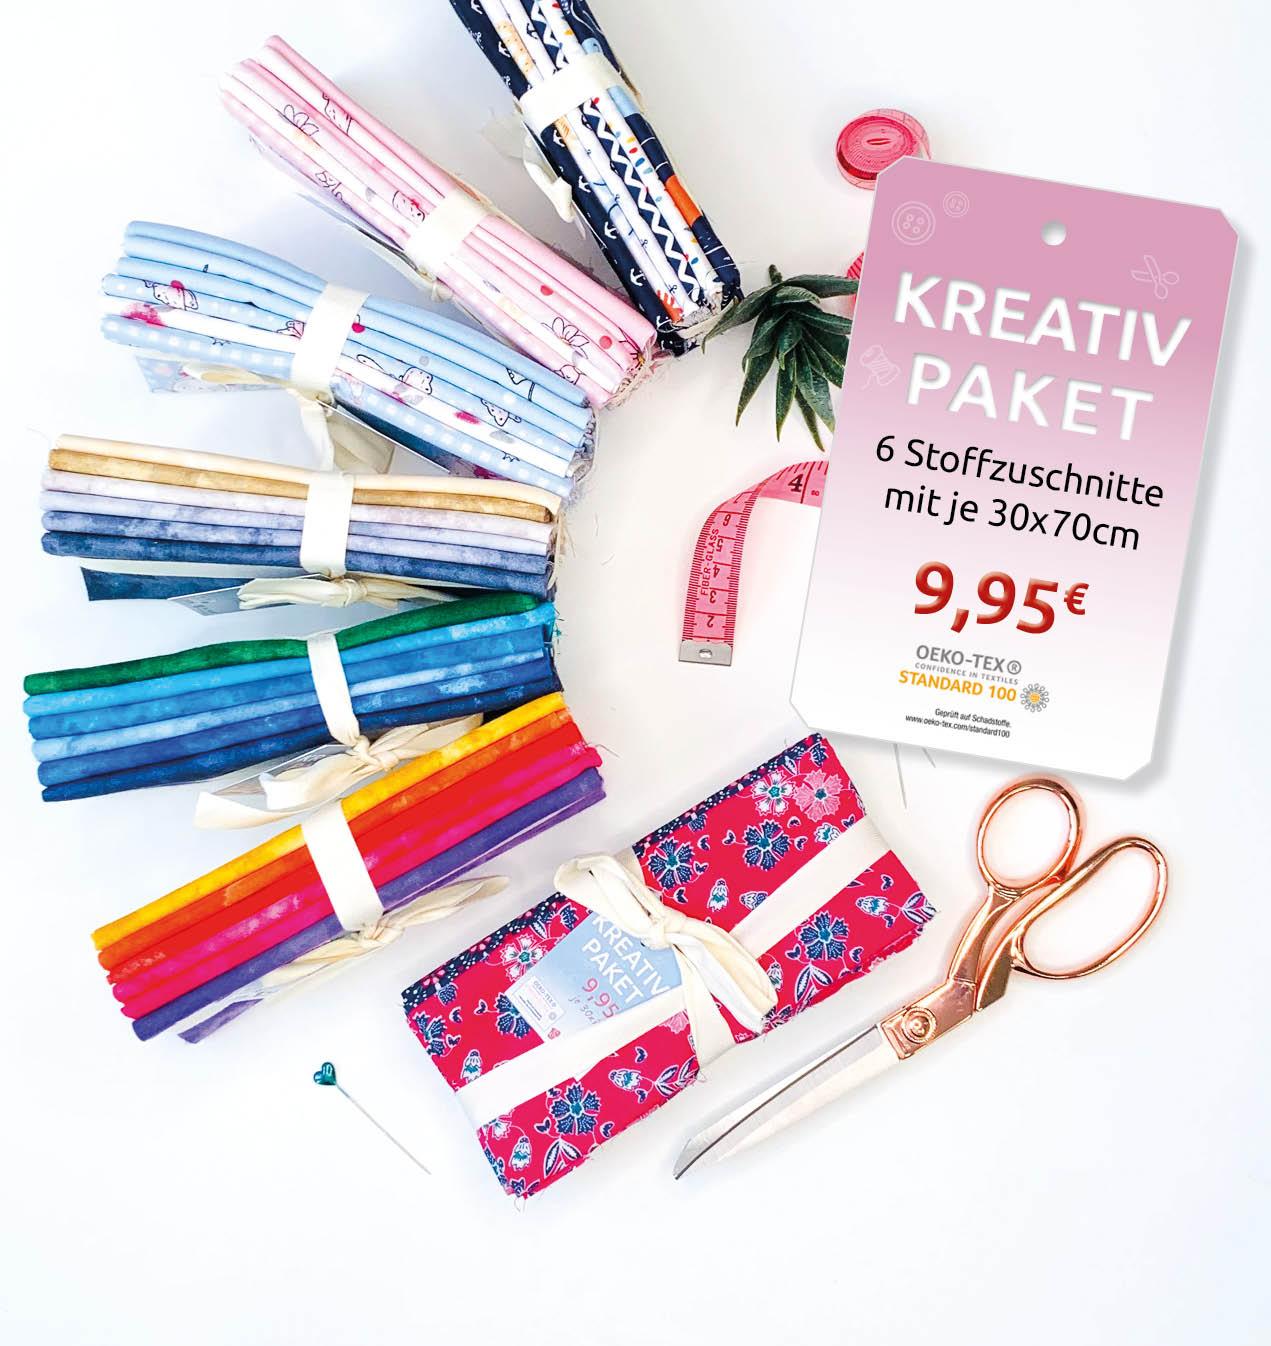 Kreativ Paket